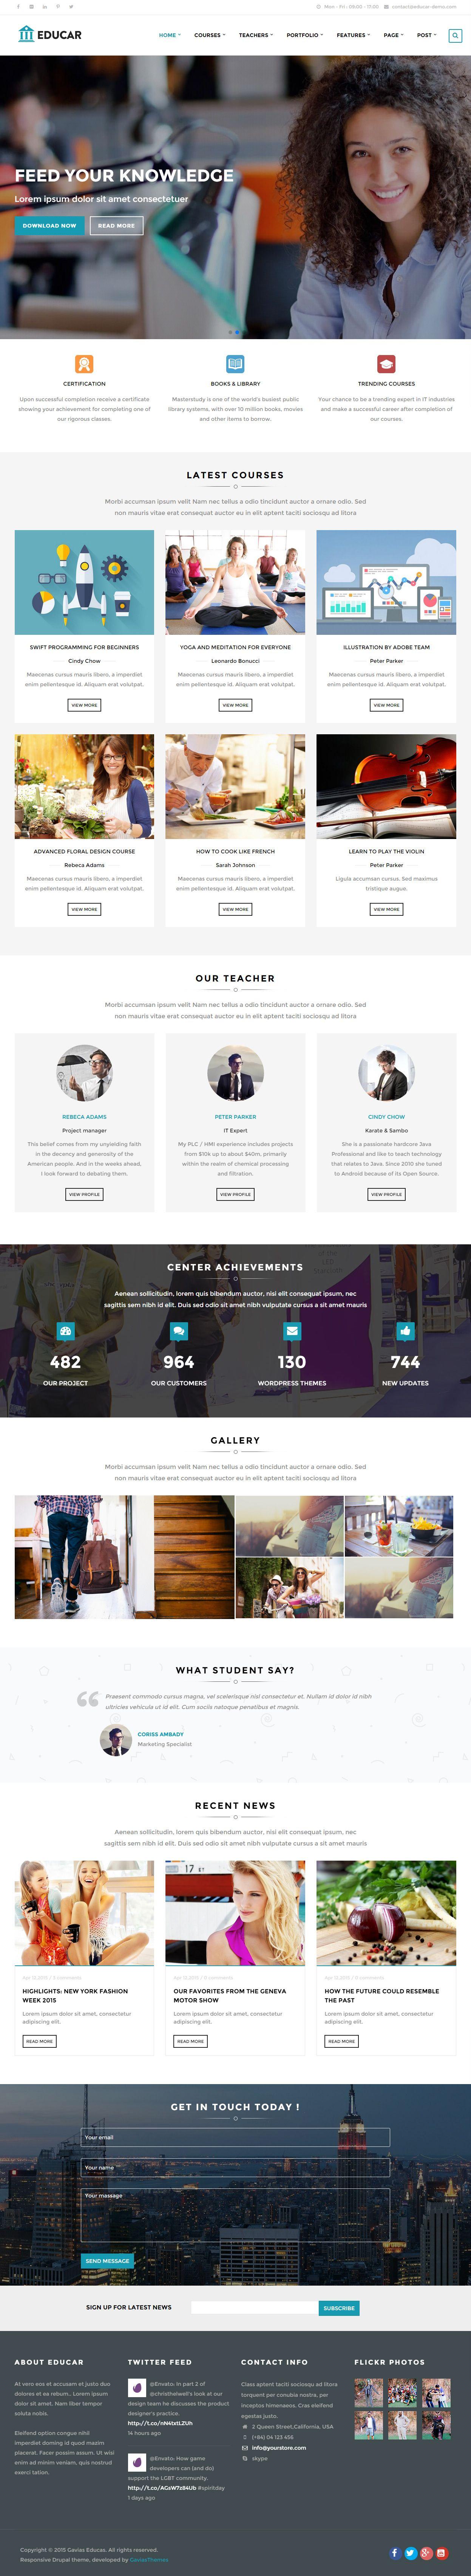 Educar Premium Responsive Education Courses Drupal Theme Small Business Website Design Web Development Design Web Layout Design